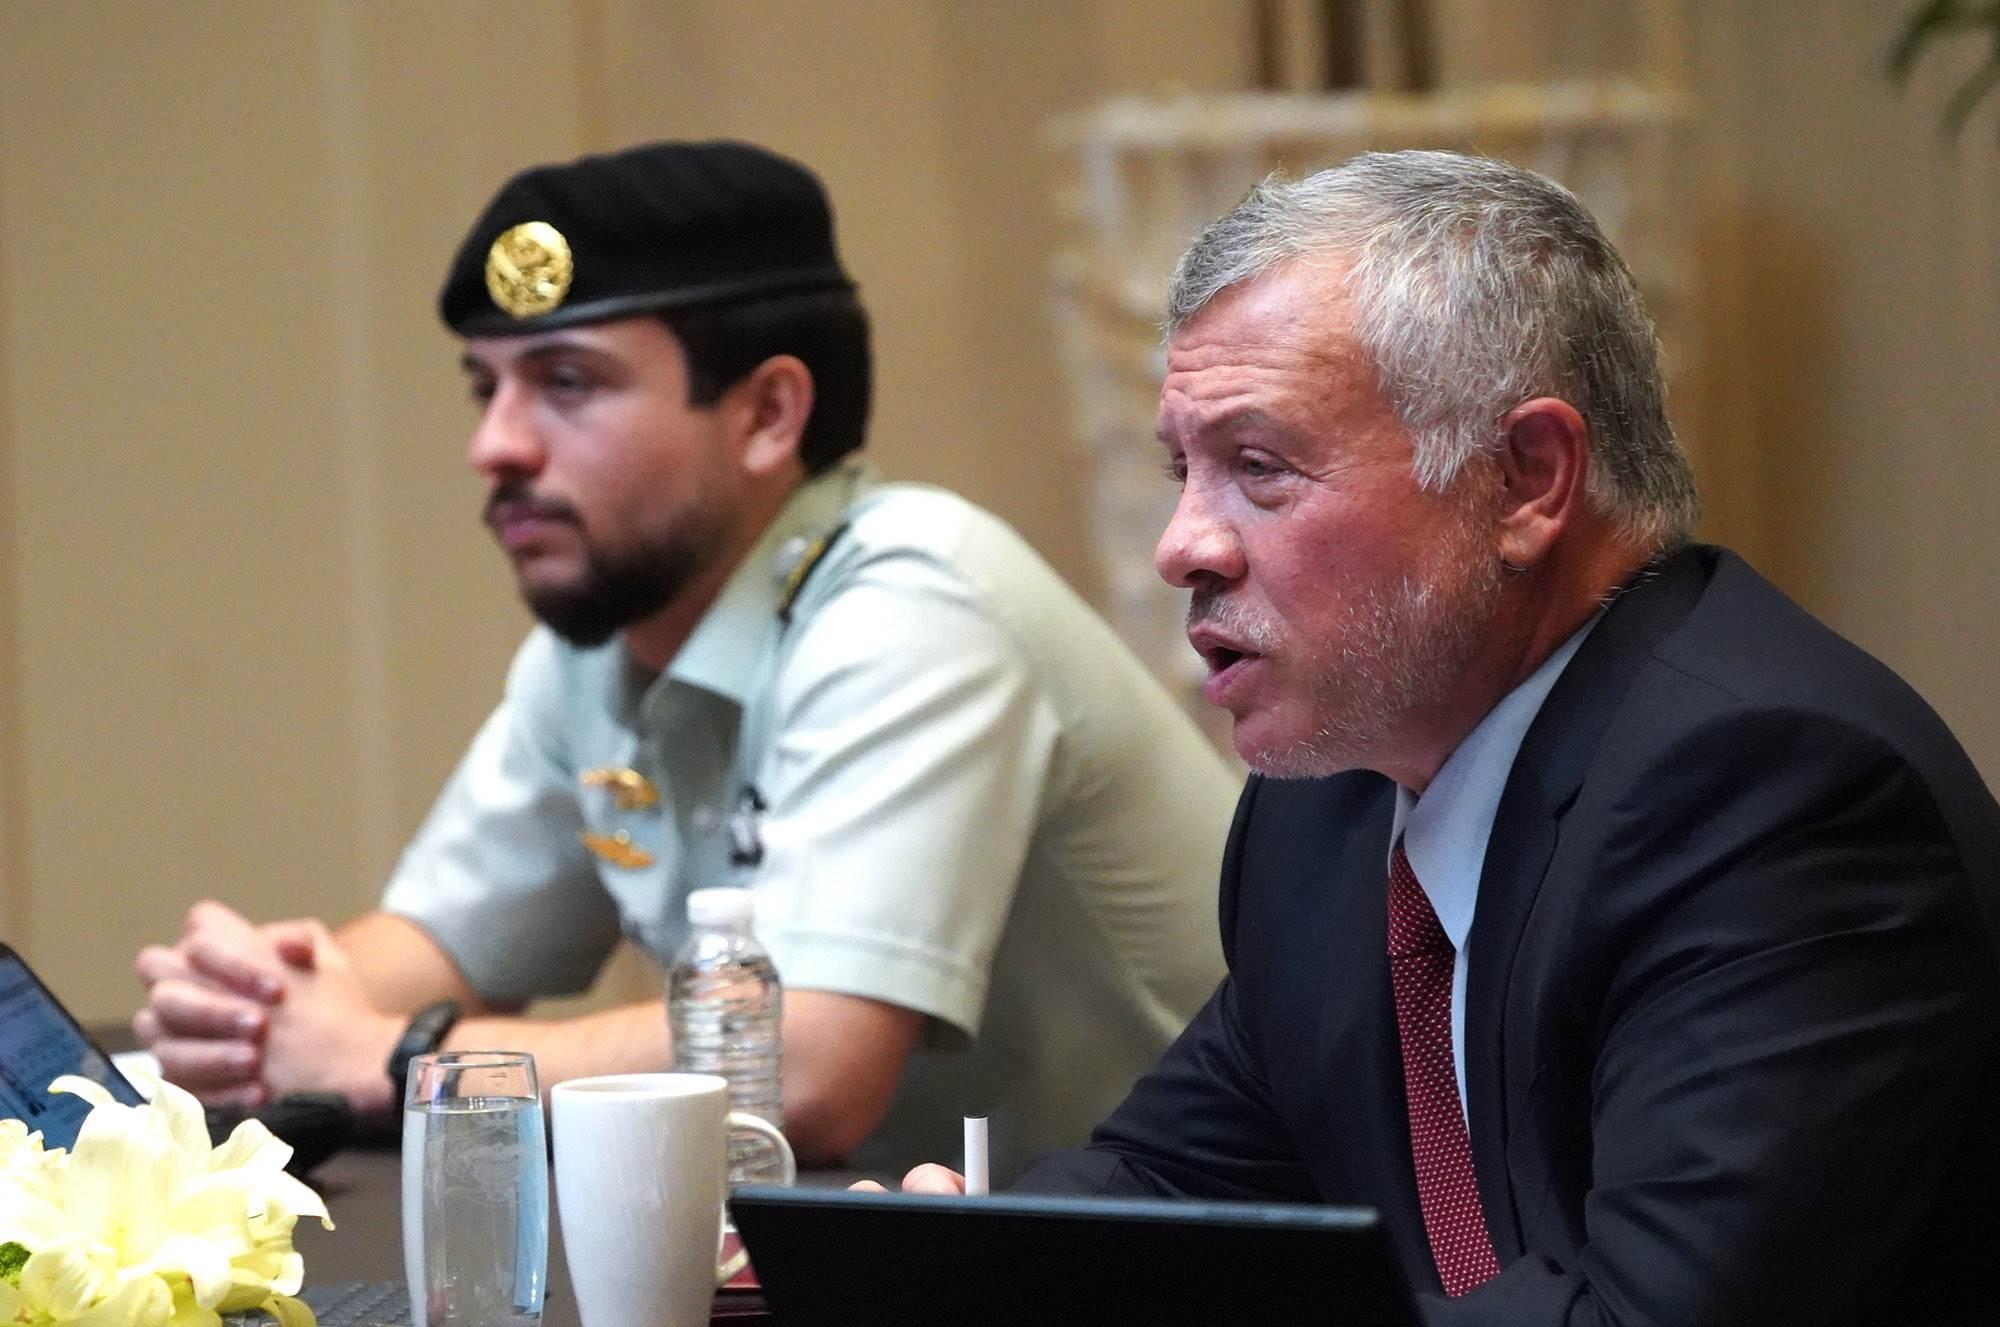 الأردن تجدد موقفها الثابت تجاه القضية الفلسطينية (وكالة بترا).